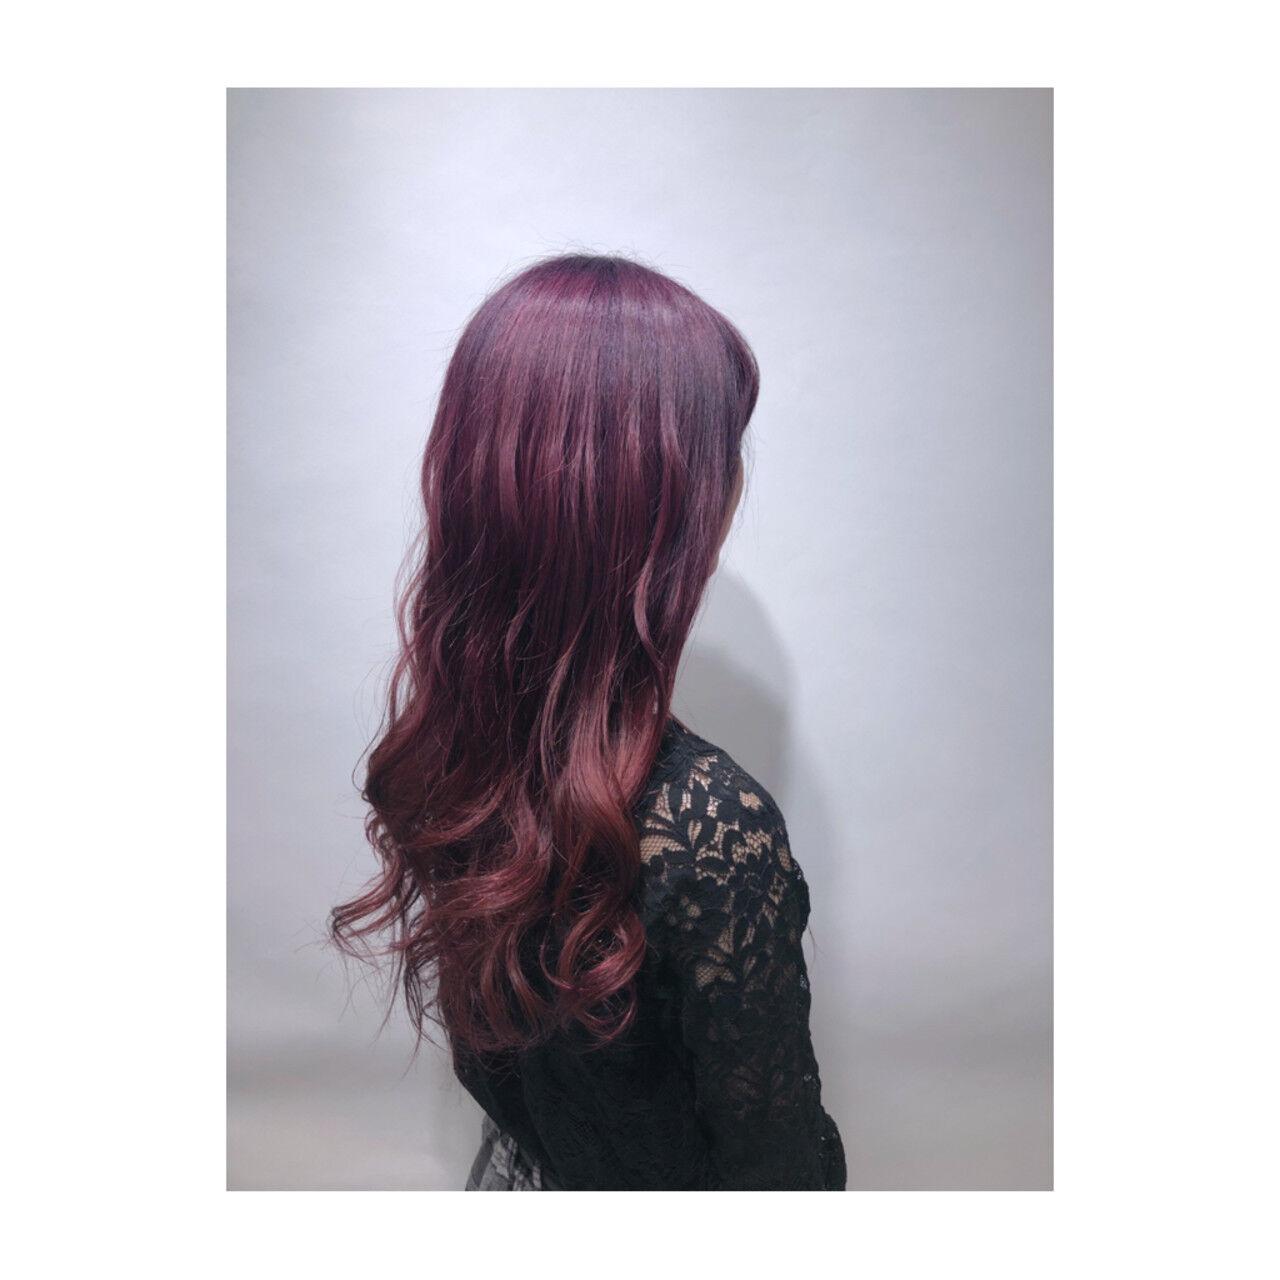 ラベンダー ラベンダーピンク ガーリー ベリーピンクヘアスタイルや髪型の写真・画像